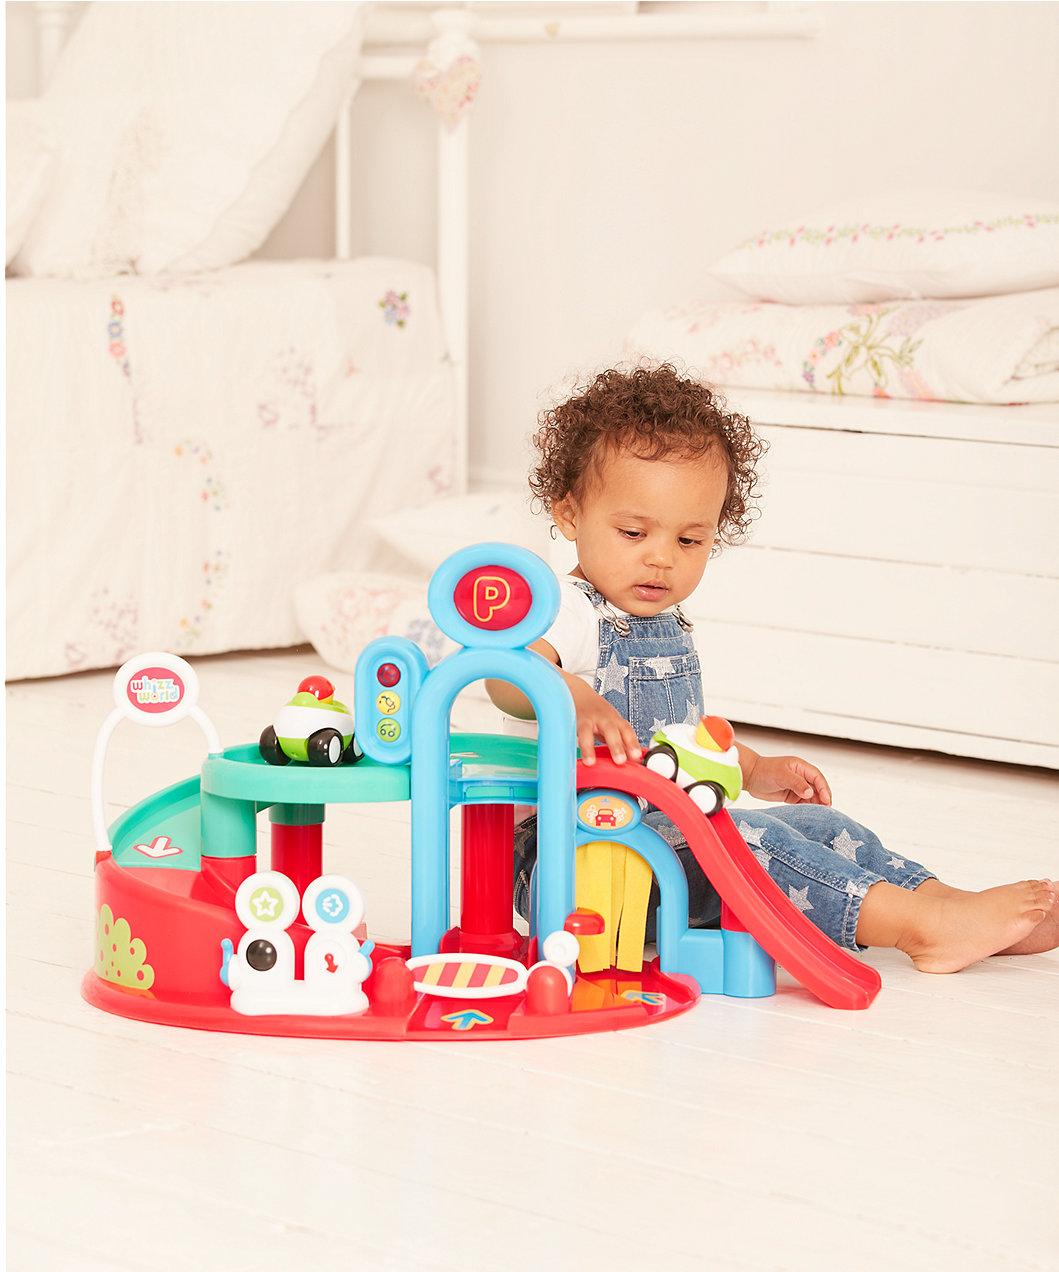 Manfaat Mainan untuk Anak - Tips Memilih Mainan Mobil-mobilan untuk Bayi dan Anak